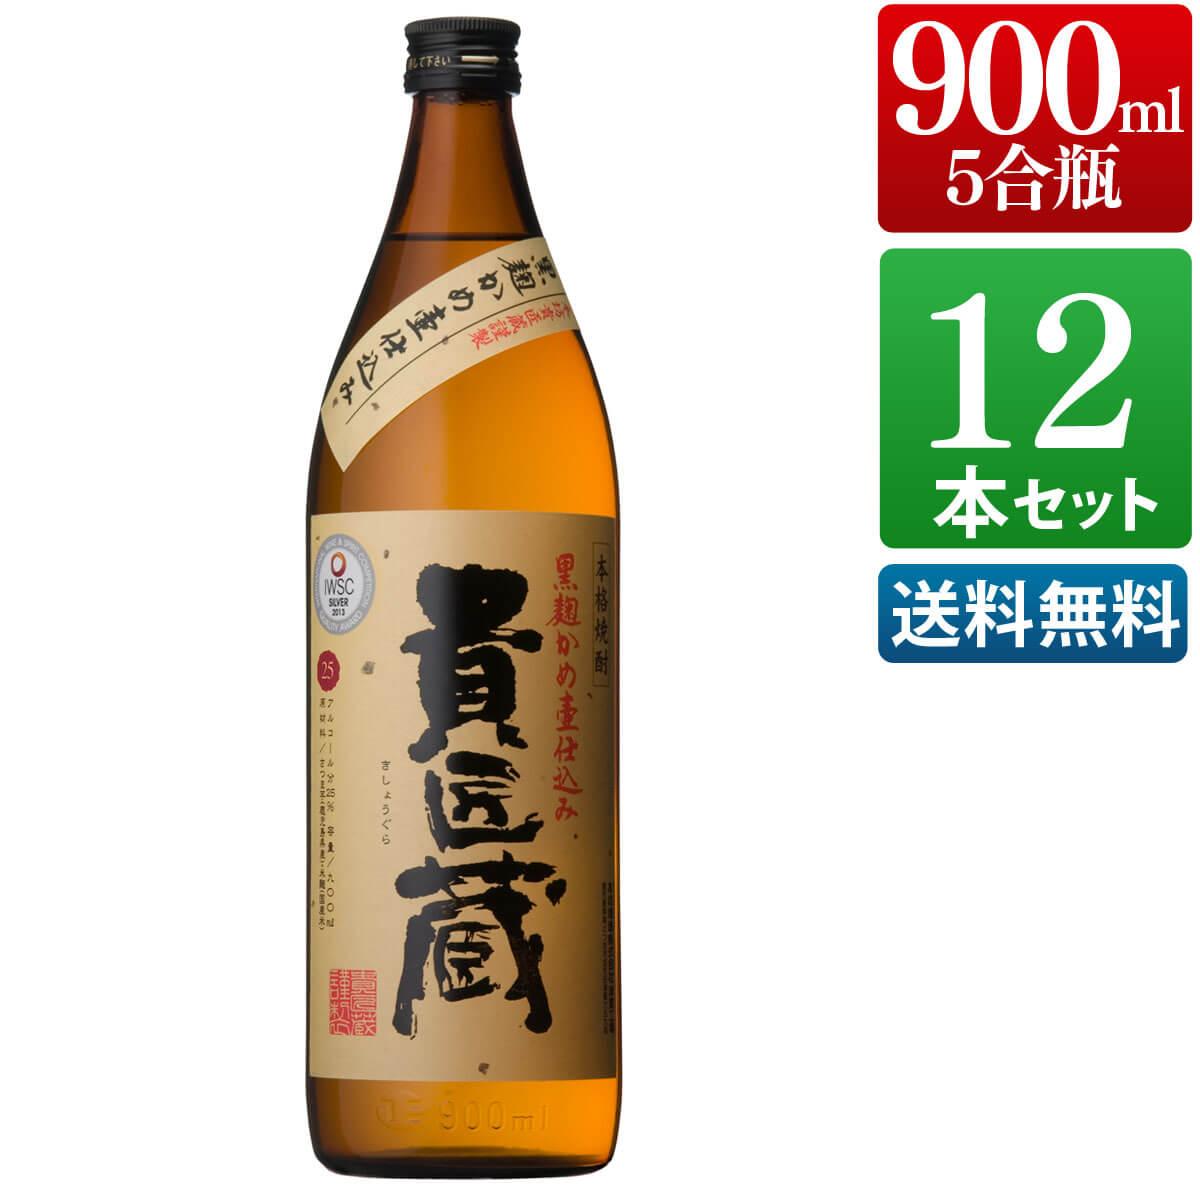 芋焼酎 12本セット 貴匠蔵 25度 900ml [ 本坊酒造 芋焼酎 / SWSC 最優秀金賞 / 送料無料 ]